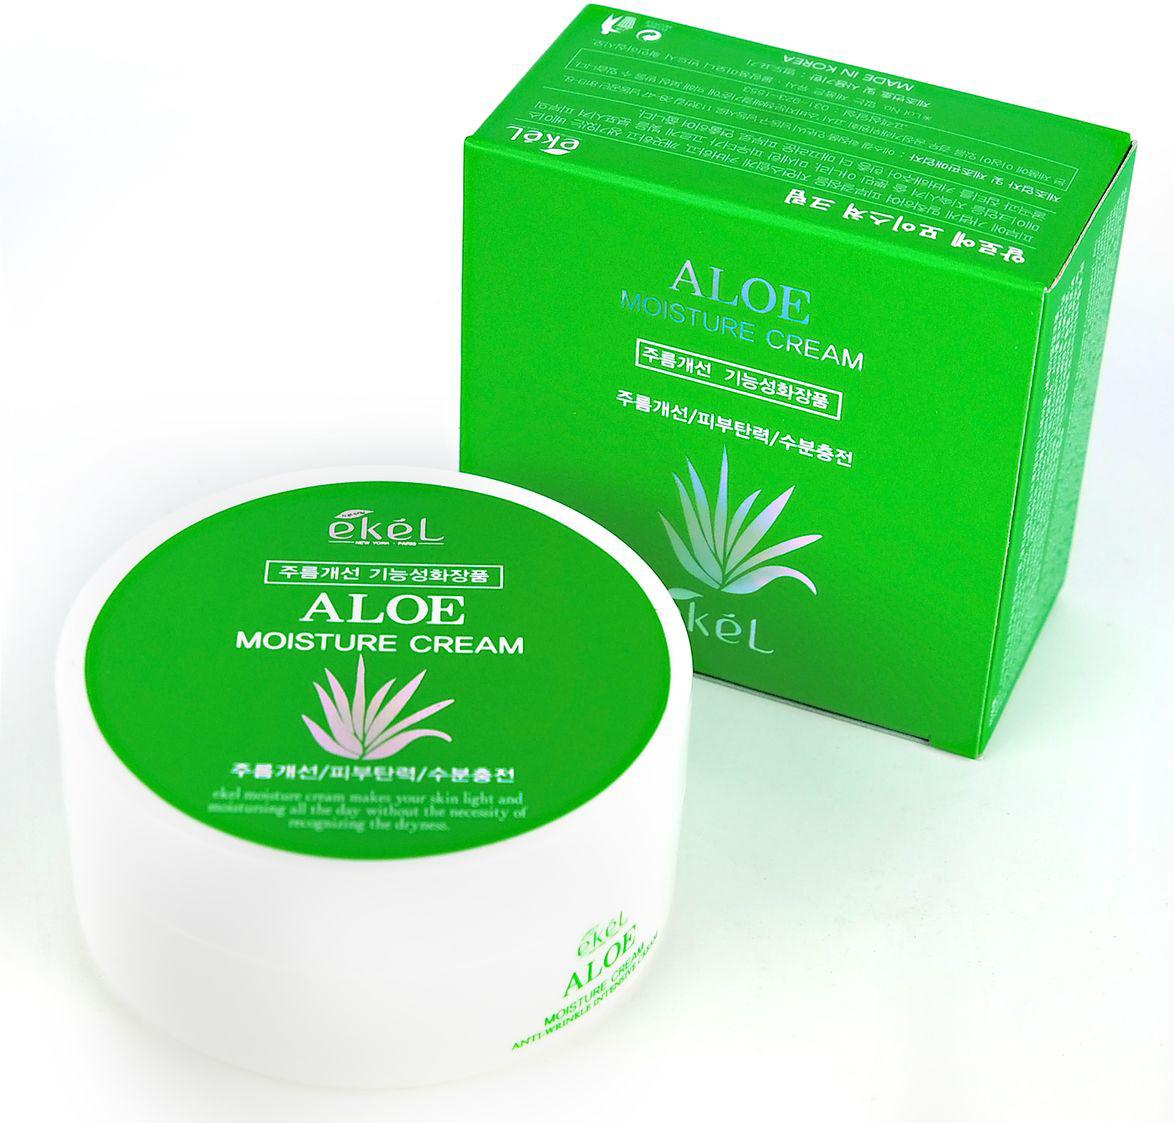 Ekel Увлажняющий крем с экстрактом алоэ, 100 мл537214Ультраувлажняющий крем нейтрализует свободные радикалы, «откладывая» процесс увядания кожи. Быстро повышает уровень увлажнения кожи, нормализует гидро-баланс, разглаживает микрорельеф и выравнивает тон кожи. Стимулирует синтез коллагена, активизирует естественные восстановительные процессы кожи и укрепляет иммунную систему. Благодаря высокой гидрофильности способствует поддержанию нормального водного баланса в клетках кожи, создает внутренний объем тканей. Улучшает рельеф кожи, предупреждает и замедляет старение кожи, разглаживает морщины, эффективно увлажняют и защищают кожу, предотвращает формирование рубцов. Обладает противовирусным, бактерицидным, ранозаживляющим действием. В сочетании с другими биологическими активными компонентами действует в синергизме, усиливая их активность.